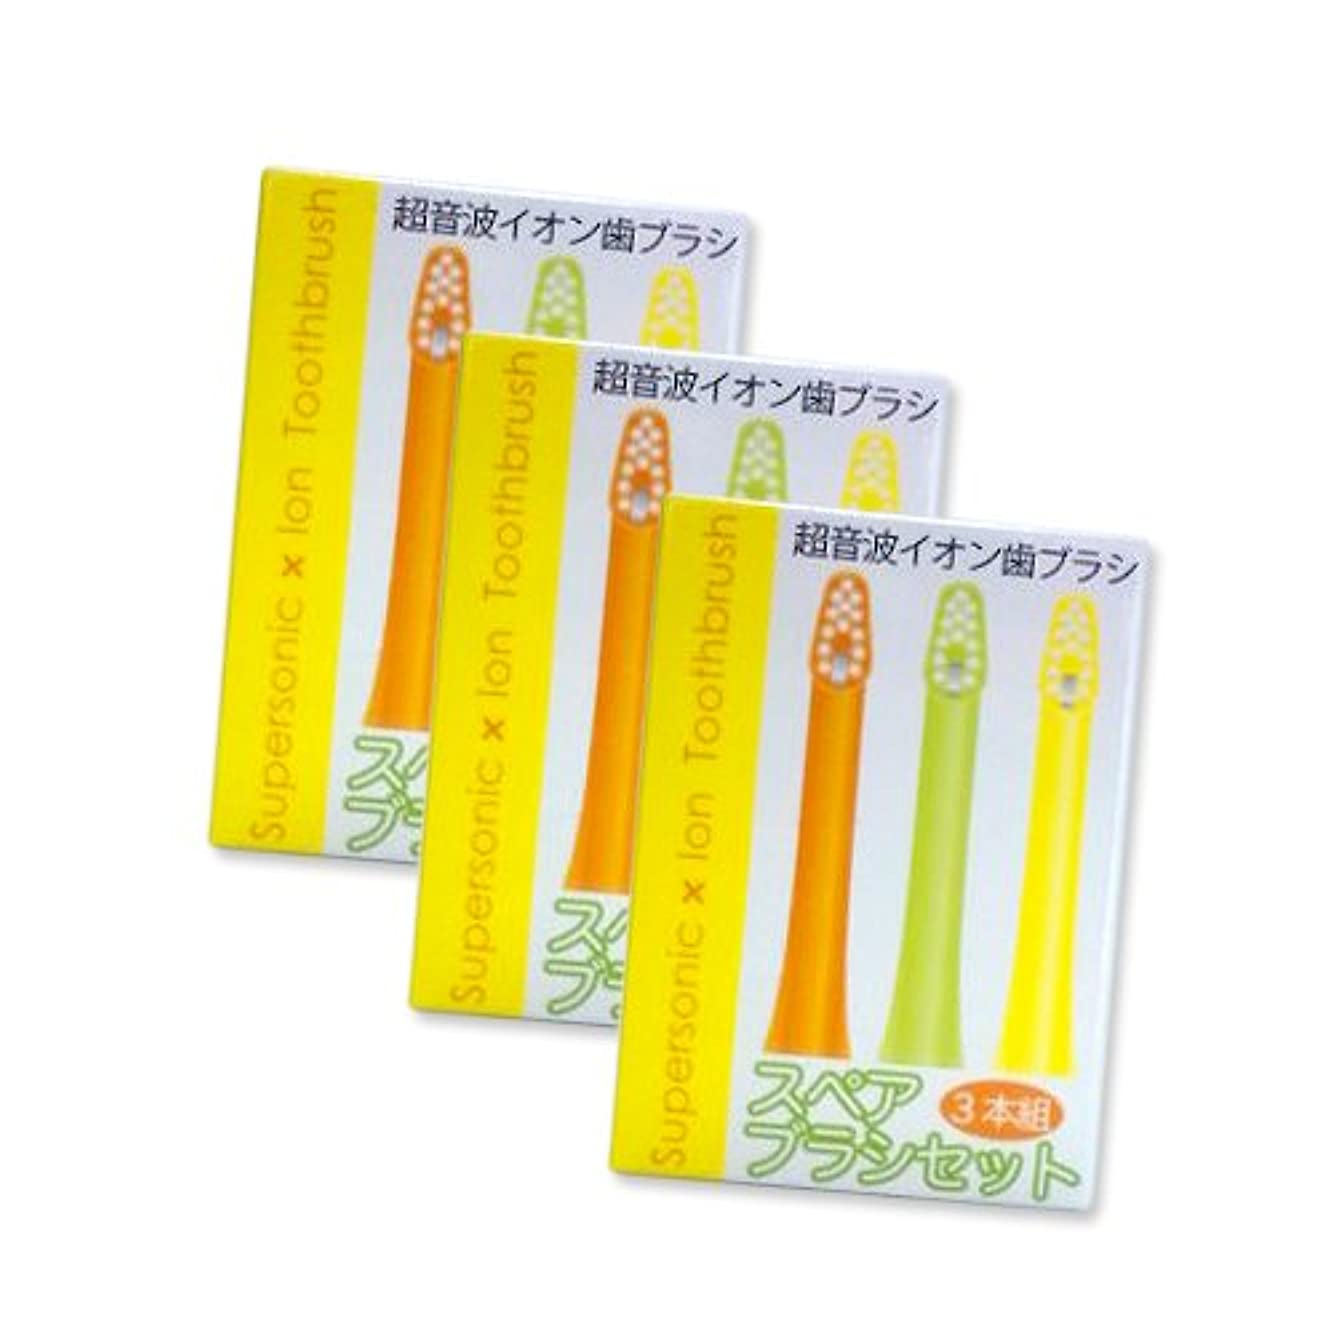 地平線歯科医粘液デントクロス 専用スペア(替え)ブラシ(3本入り) x3個 セット